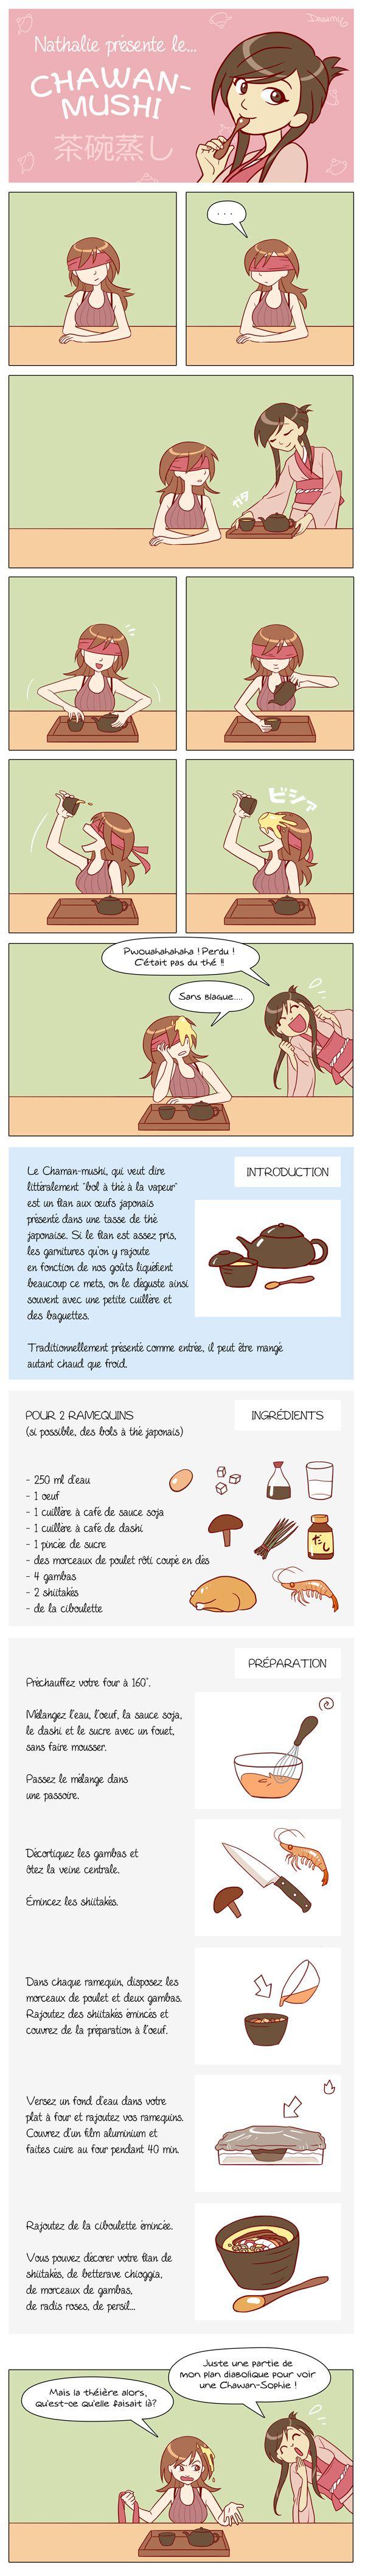 CUISINE - La recette du Chawanmushi en BD                                                                                                                                                                                 Plus